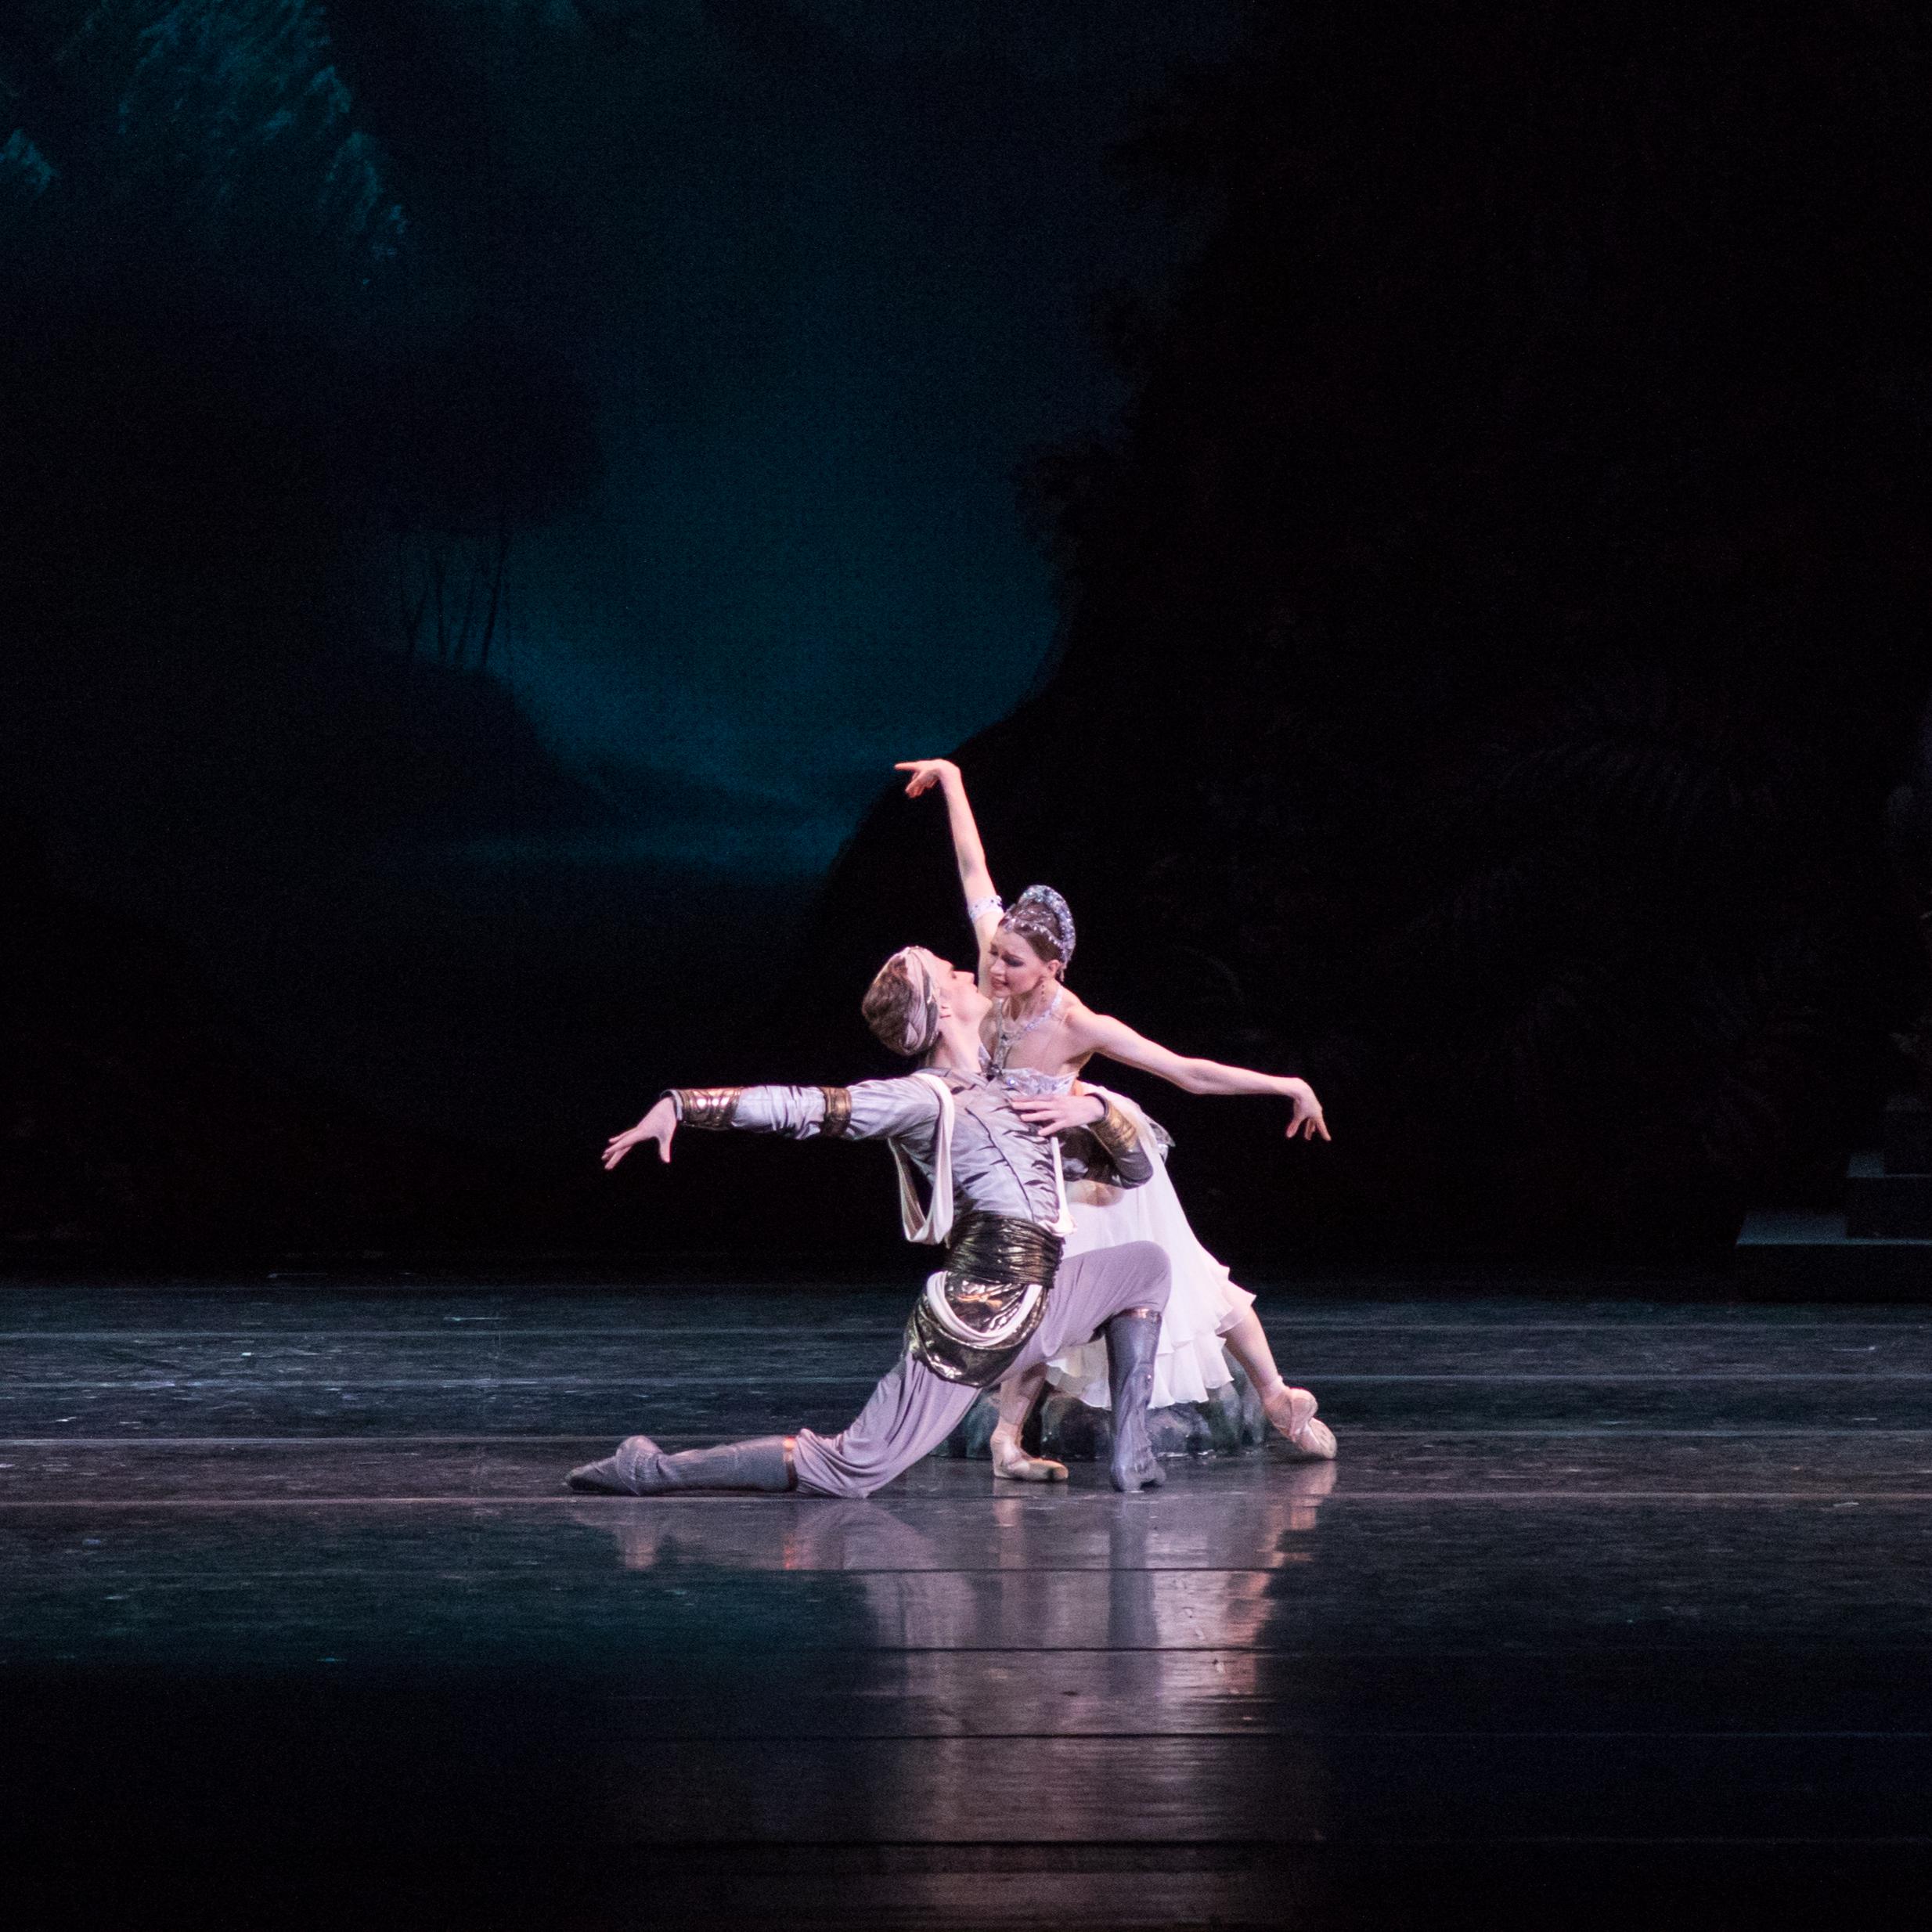 Лоран Илер расскажет о балете «Баядерка» в Музыкальной гостиной МАМТ